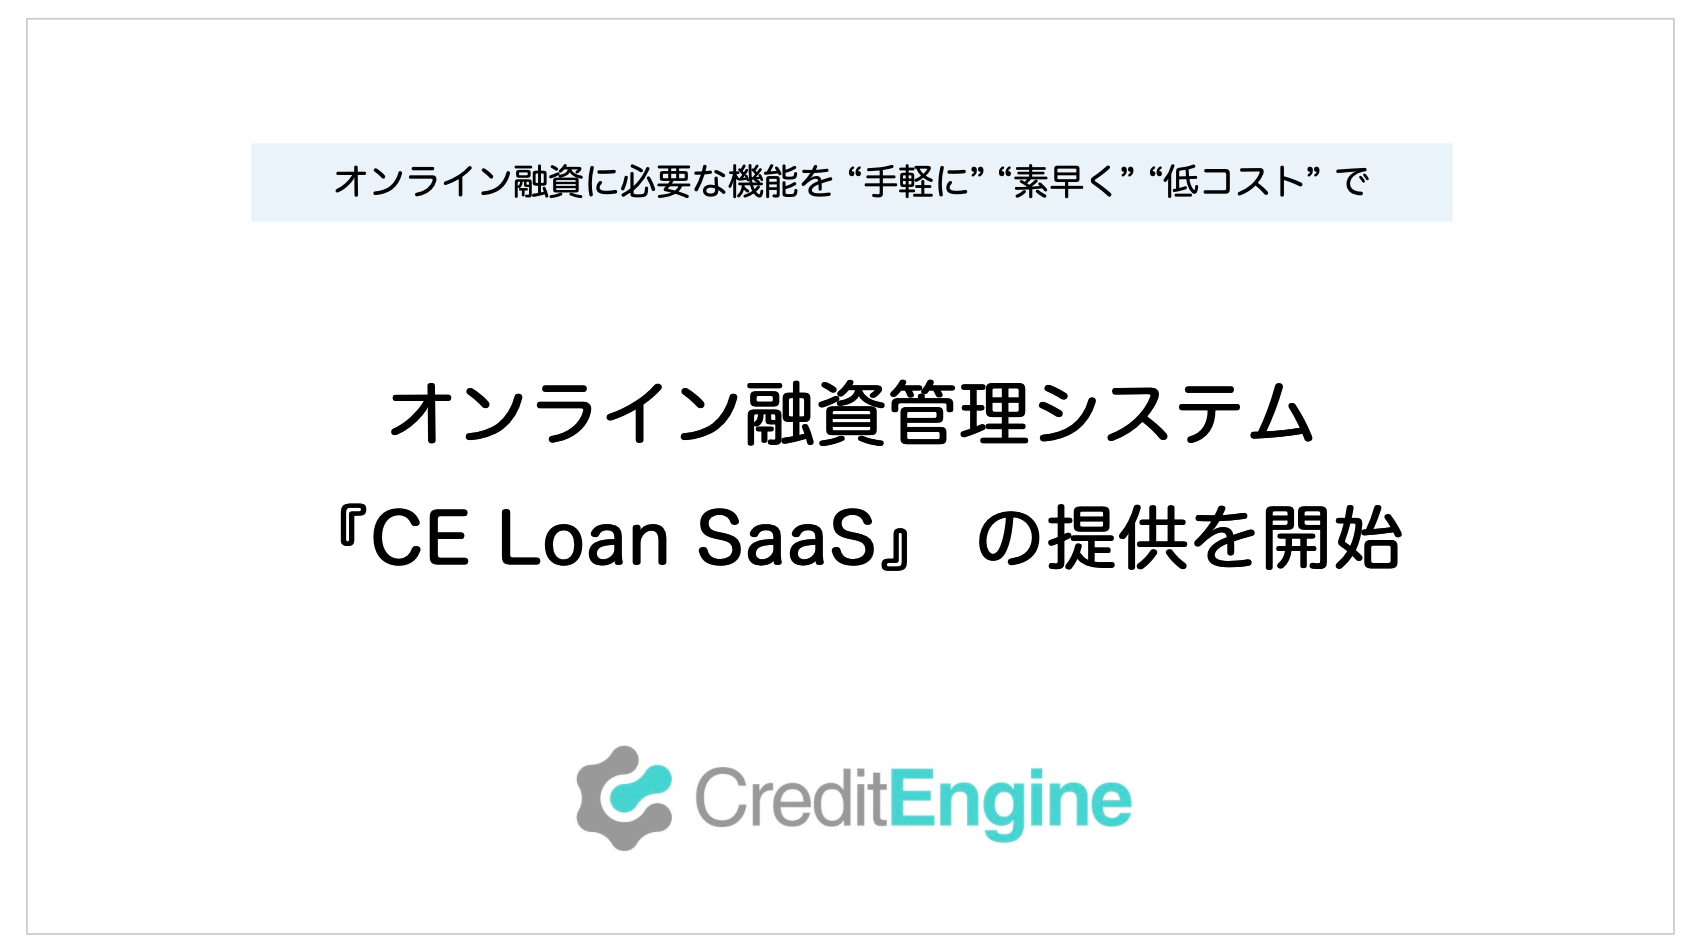 CE Loan SaaS_プレスリリース_画像データ_final.png